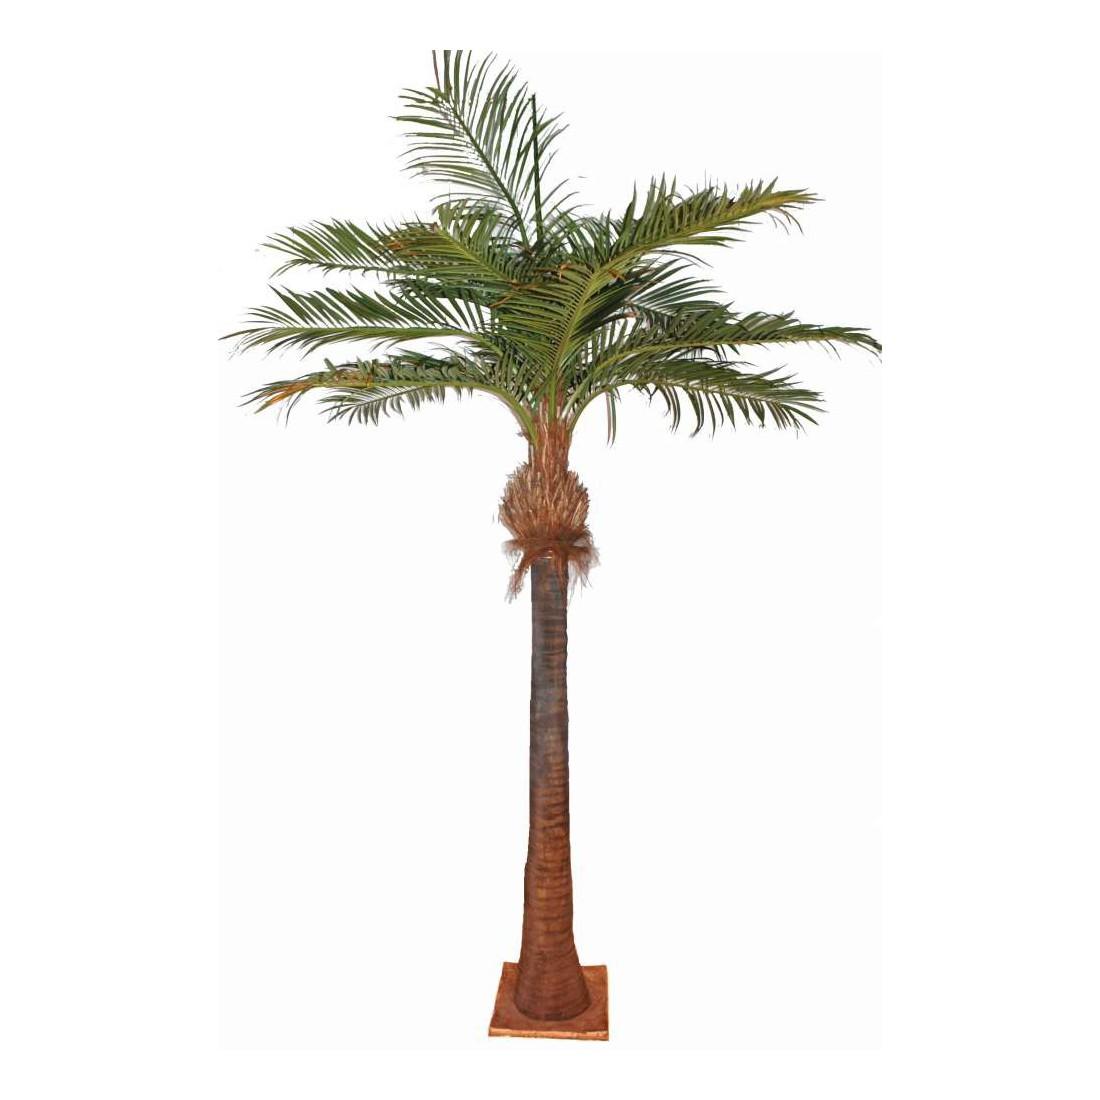 Palmier artificiel coco 400 et 700 cm arbres exotiques for Arbre palmier artificiel